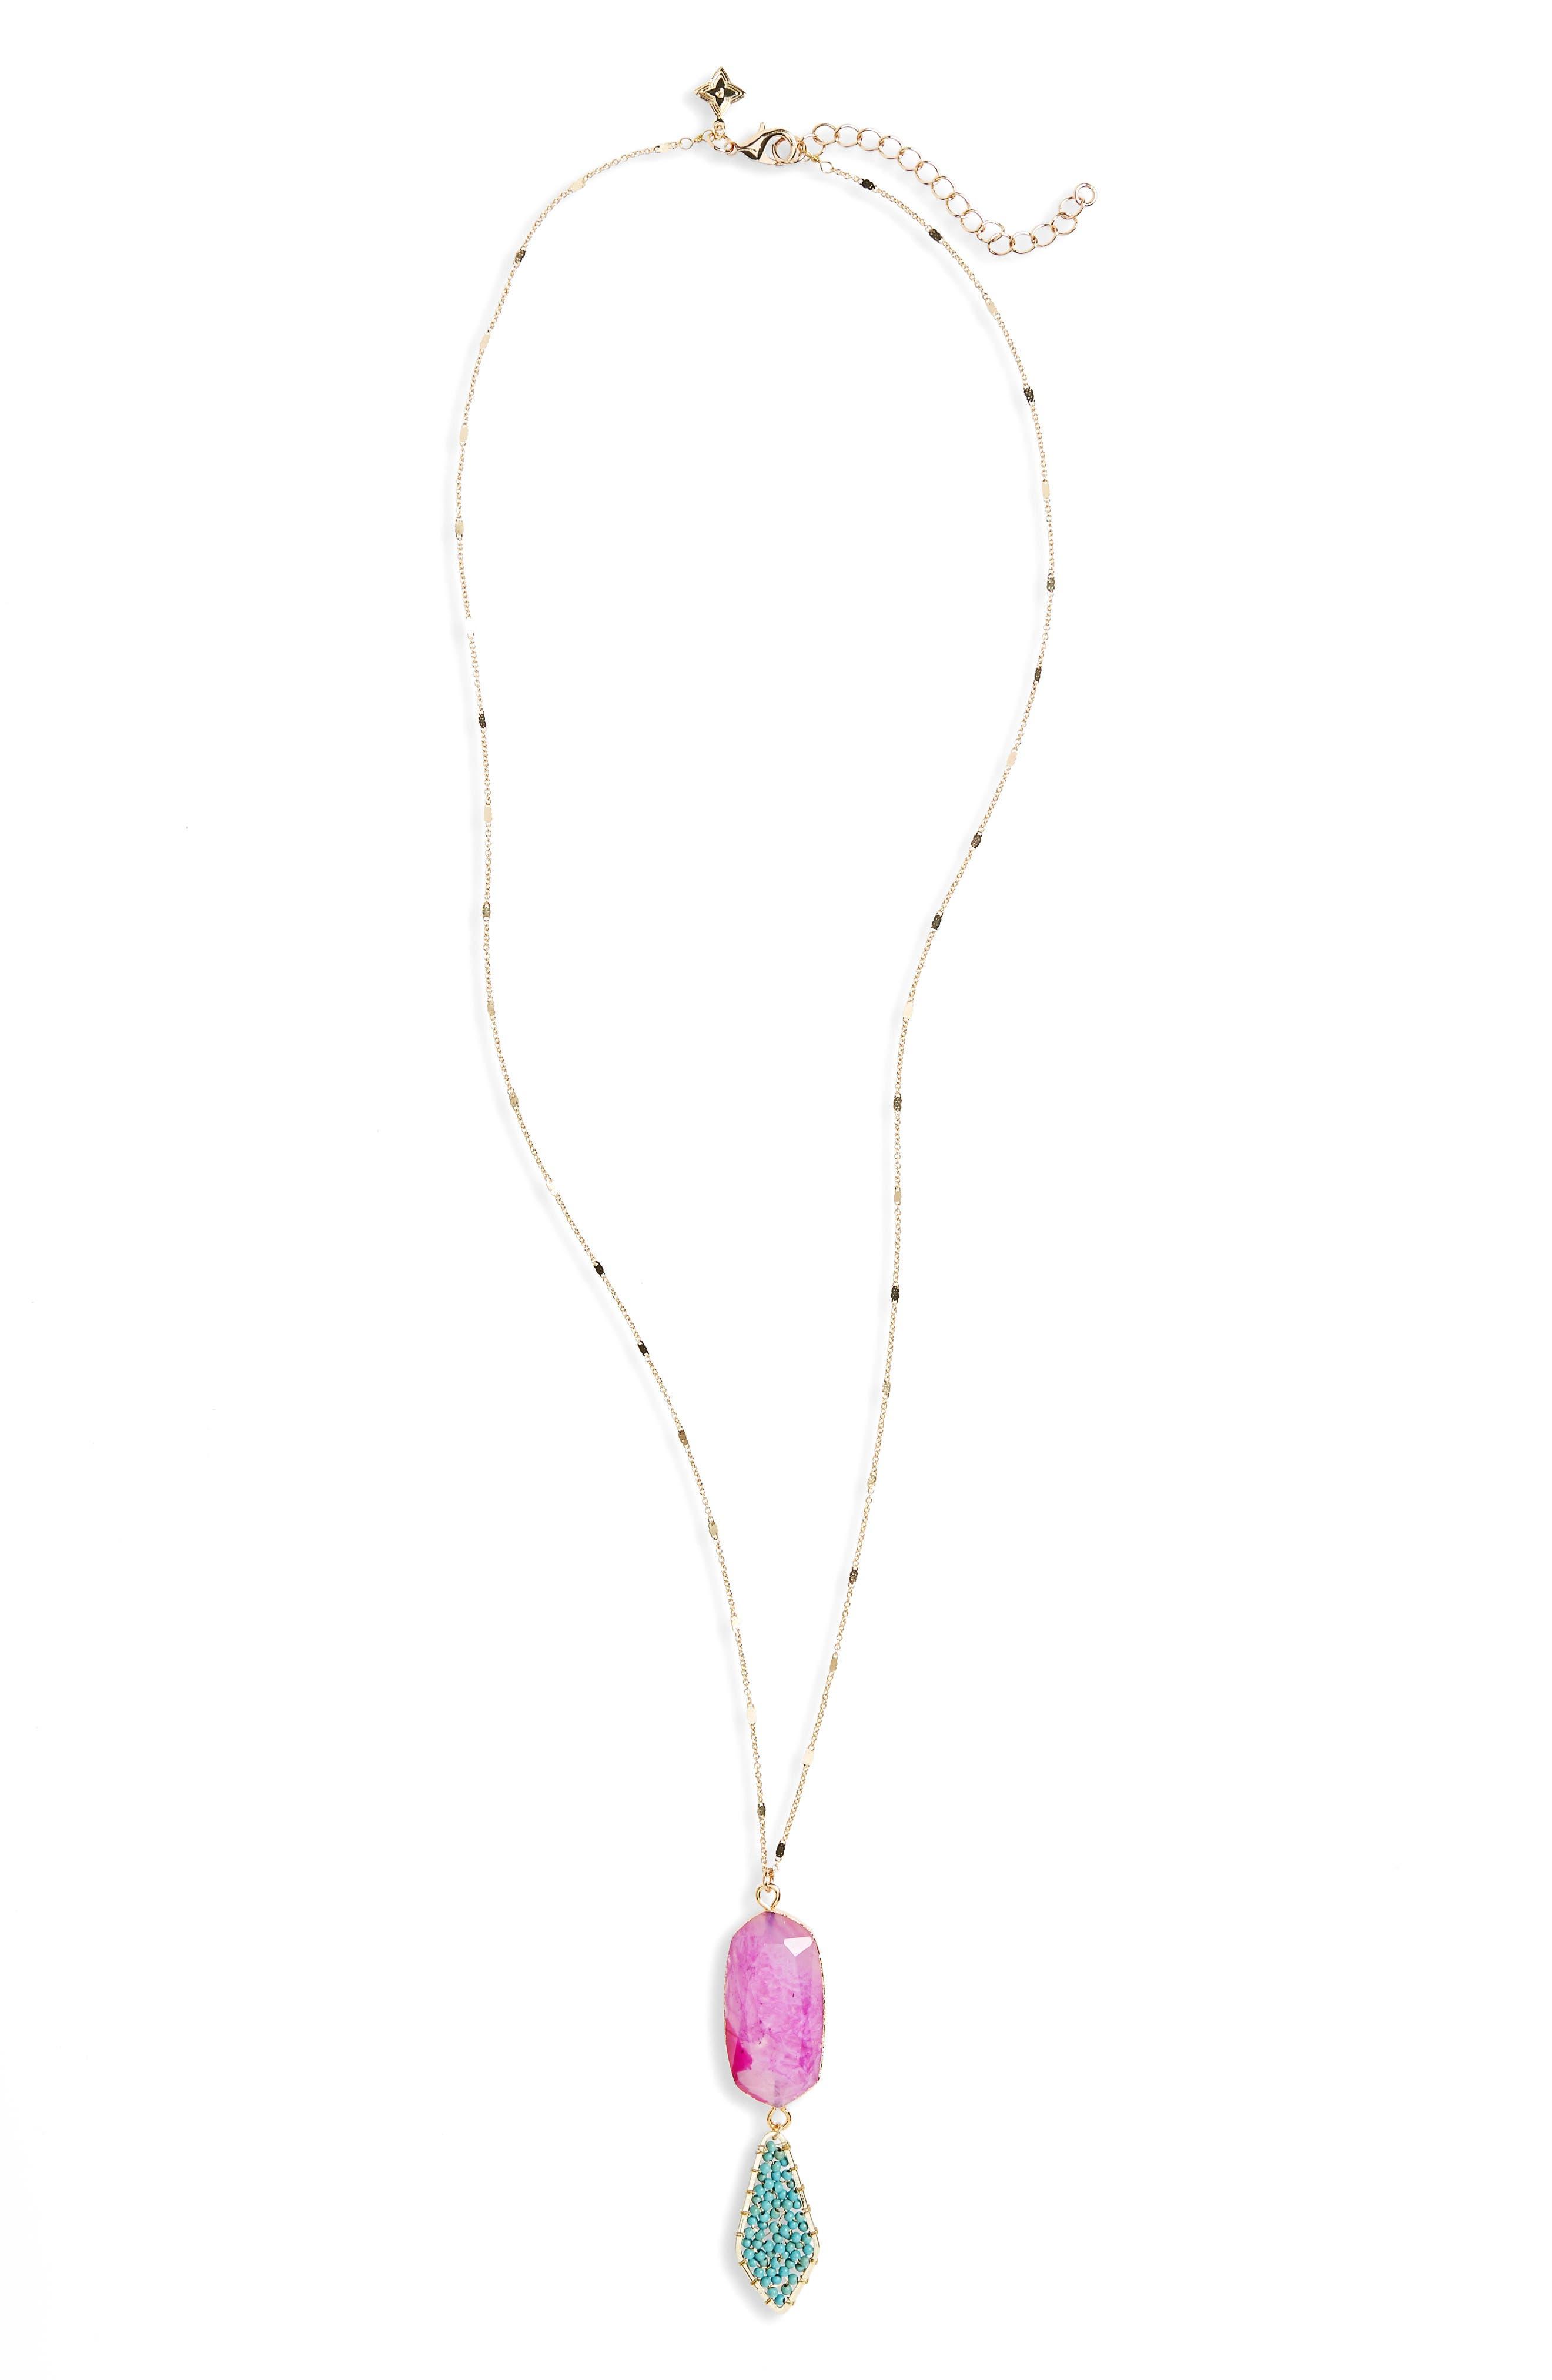 Howlite Stone Pendant Necklace,                             Main thumbnail 1, color,                             710